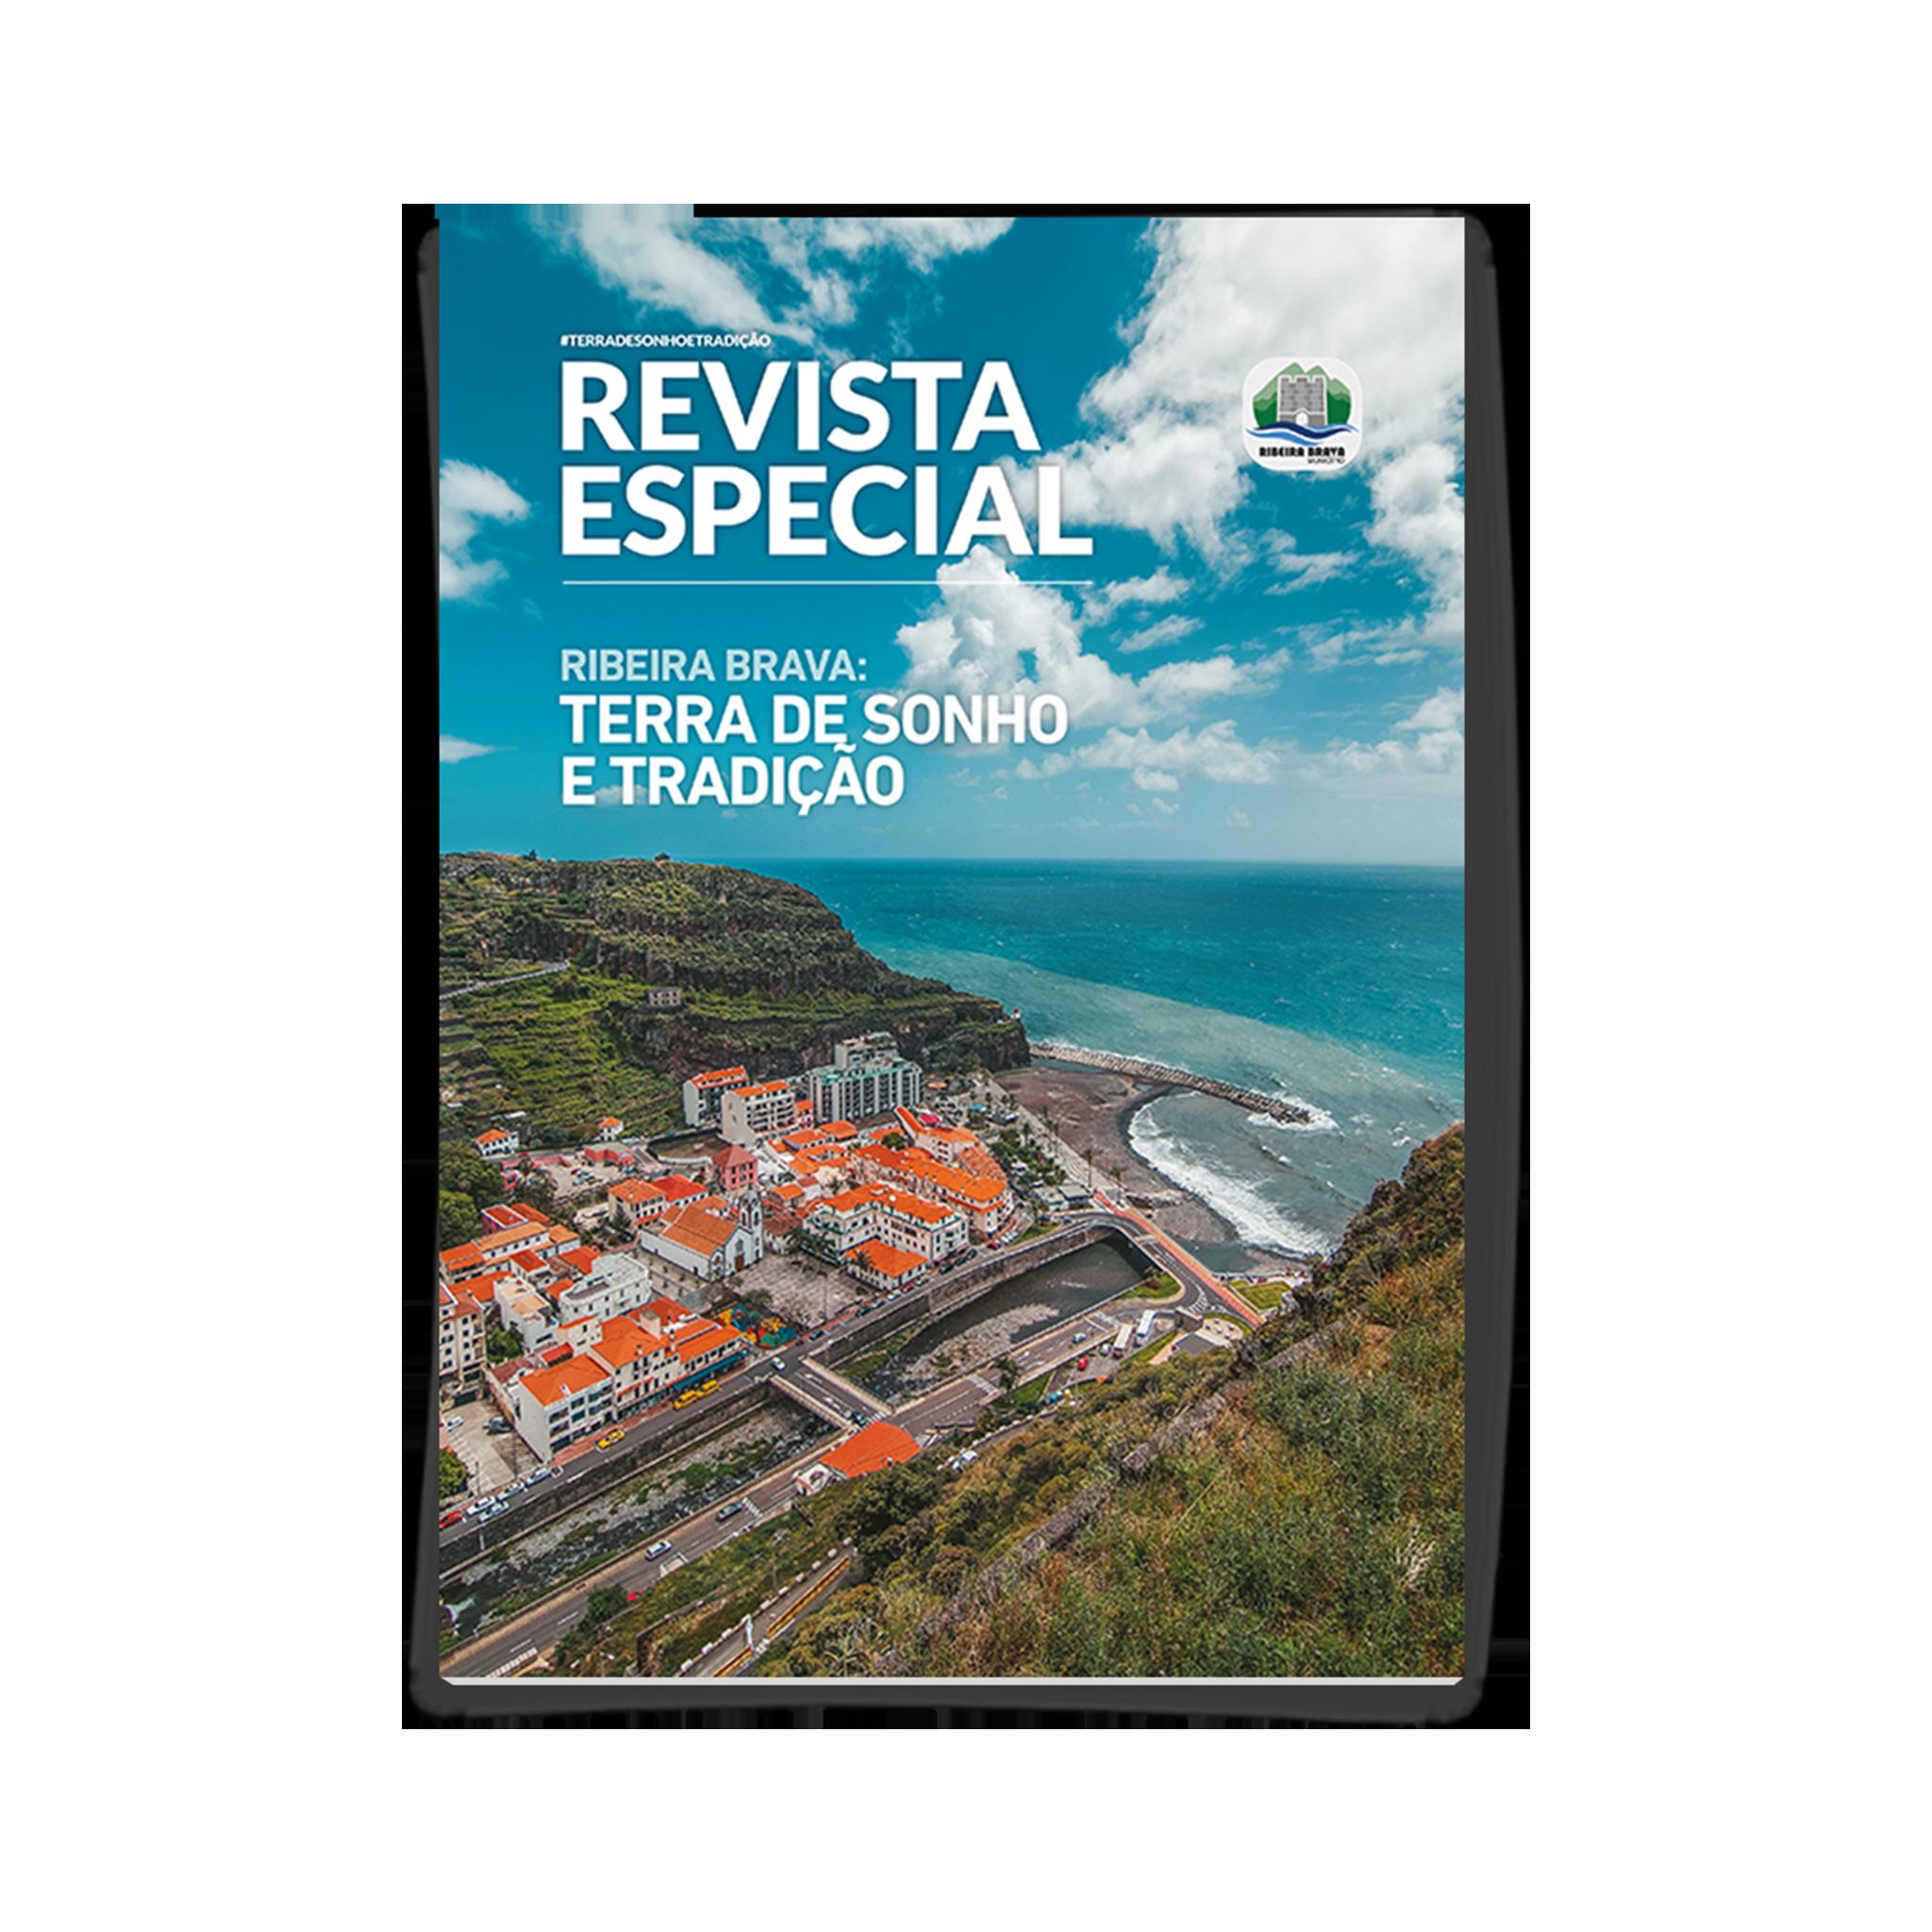 Revista Especial 4 anos de mandato Câmara Municipal da Ribeira Brava